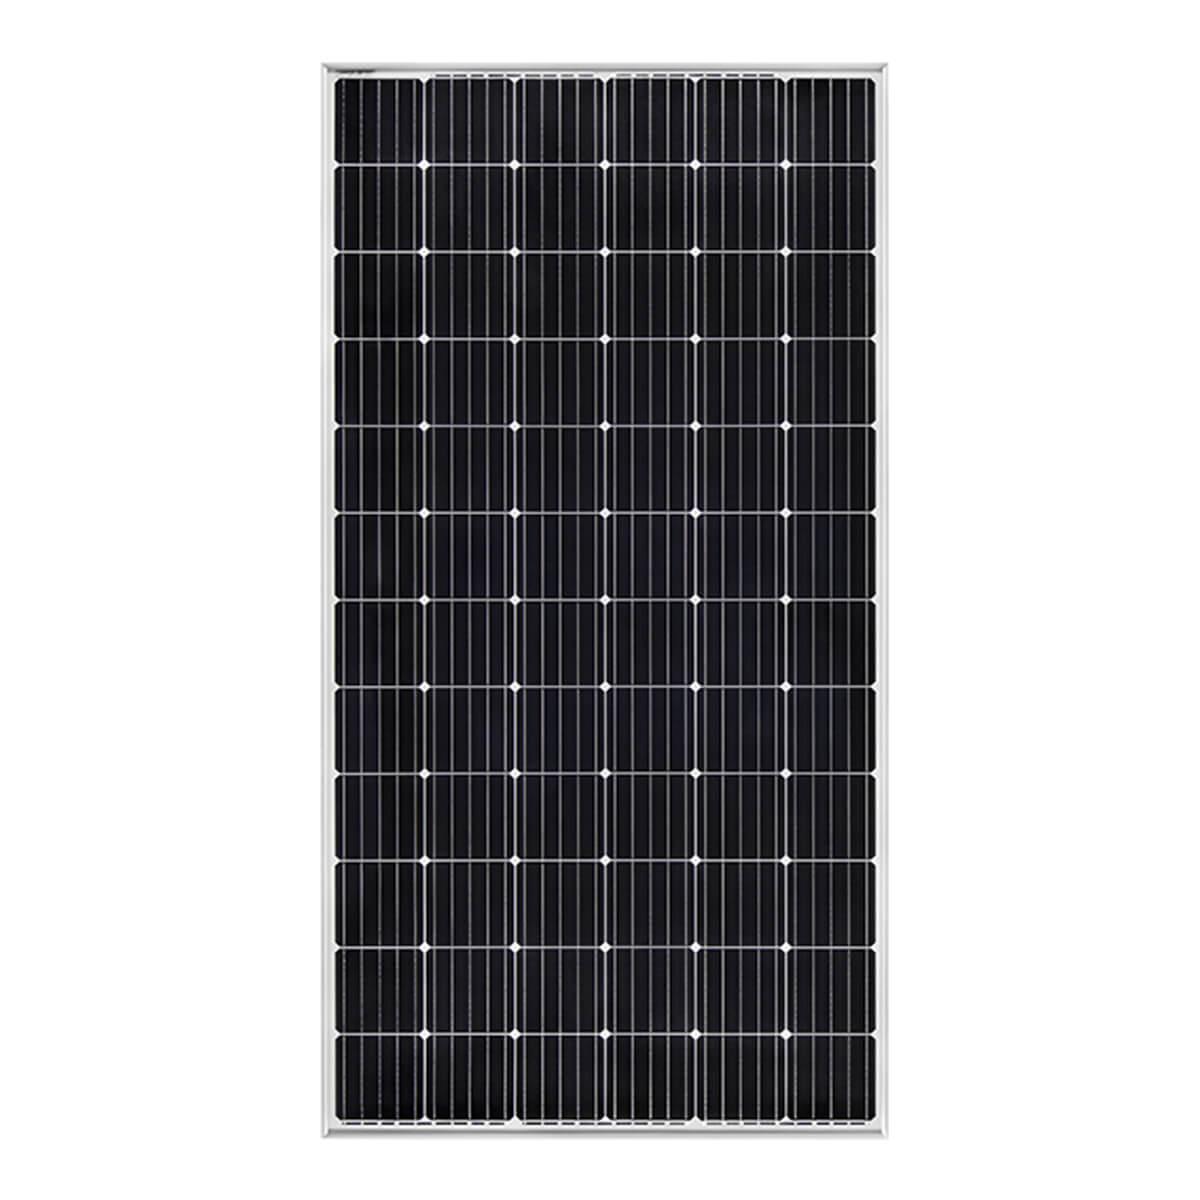 plurawatt 400W panel, plurawatt 400Watt panel, plurawatt 400 W panel, plurawatt 400 Watt panel, plurawatt 400 Watt monokristal panel, plurawatt 400 W watt gunes paneli, plurawatt 400 W watt monokristal gunes paneli, plurawatt 400 W Watt fotovoltaik monokristal solar panel, plurawatt 400W monokristal gunes enerjisi, plurawatt dc-l72-400W panel, PLURAWATT 400 WATT